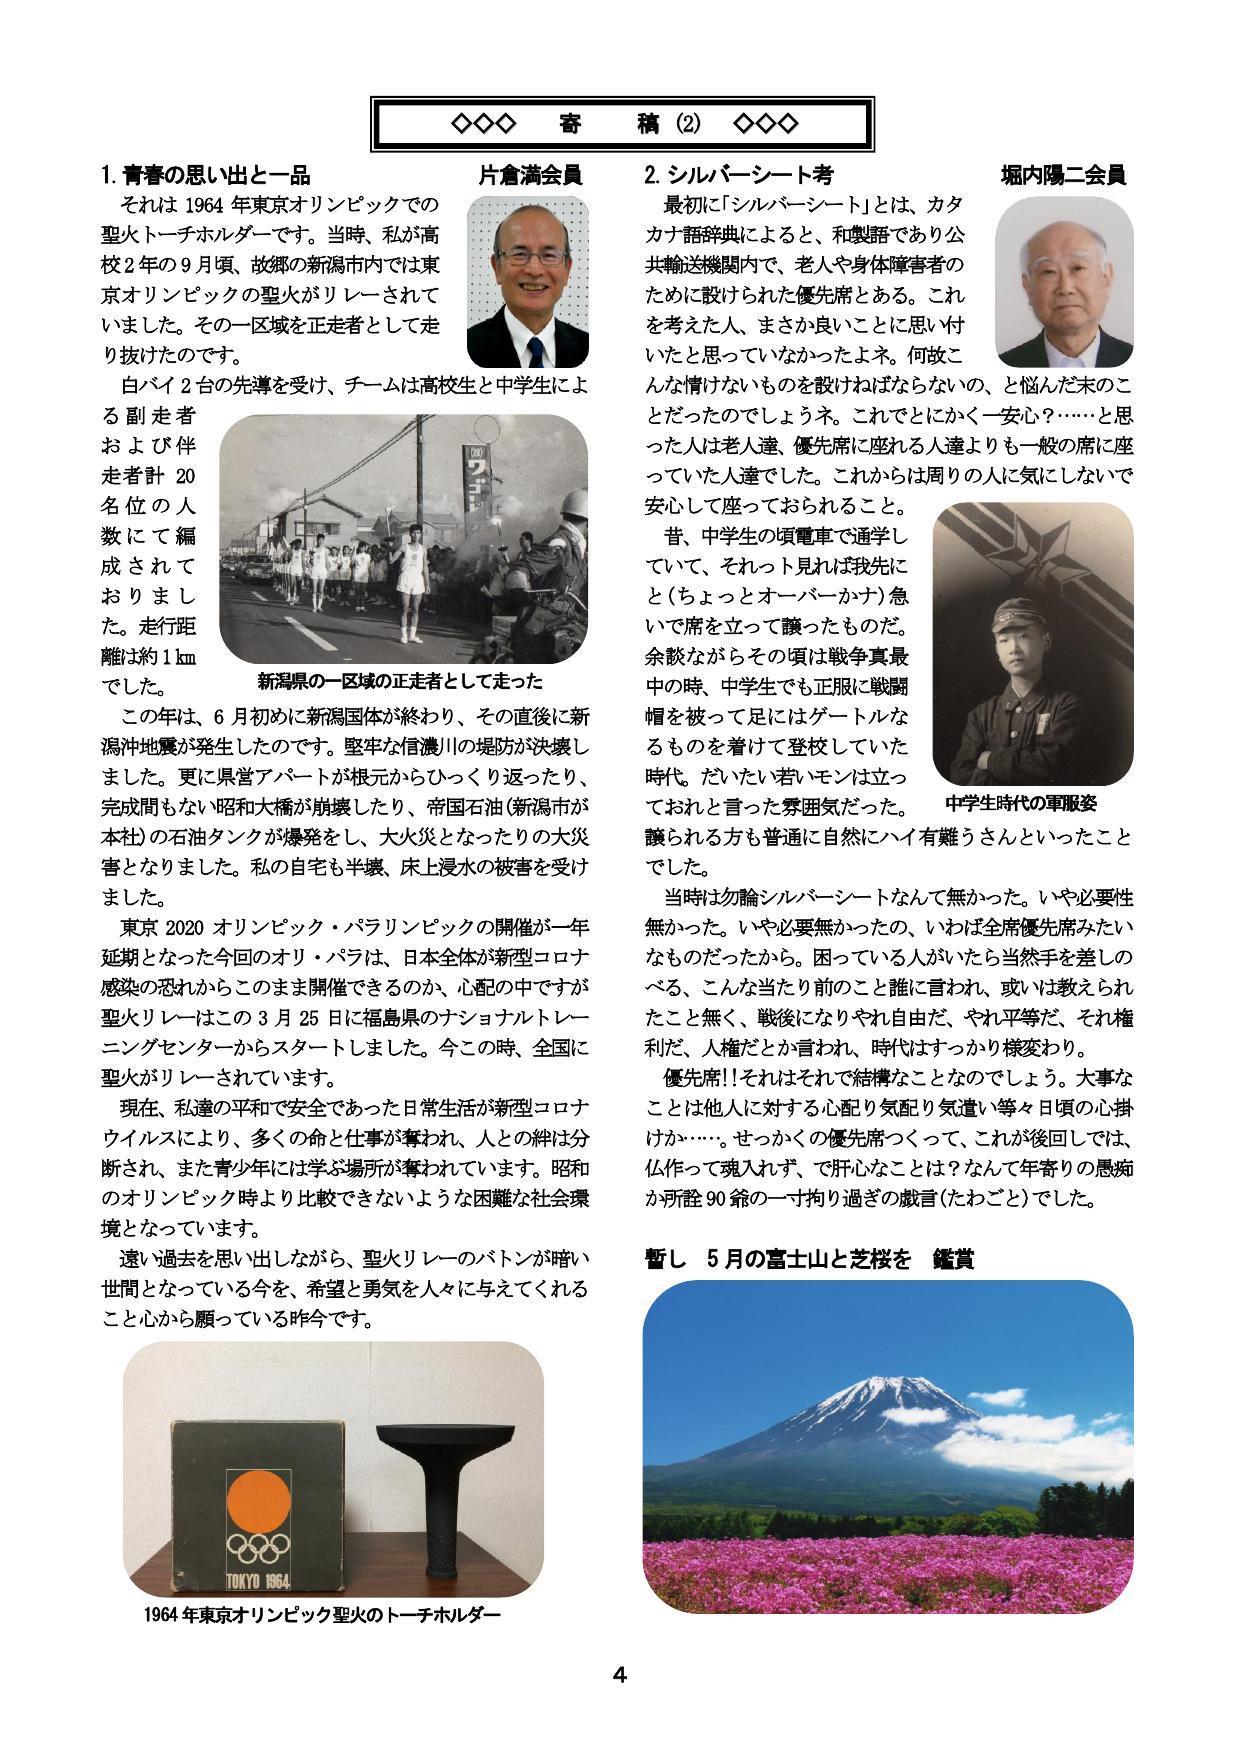 東京多摩プロバスニュース 第94号 2021年5月12日_b0000714_14213565.jpg